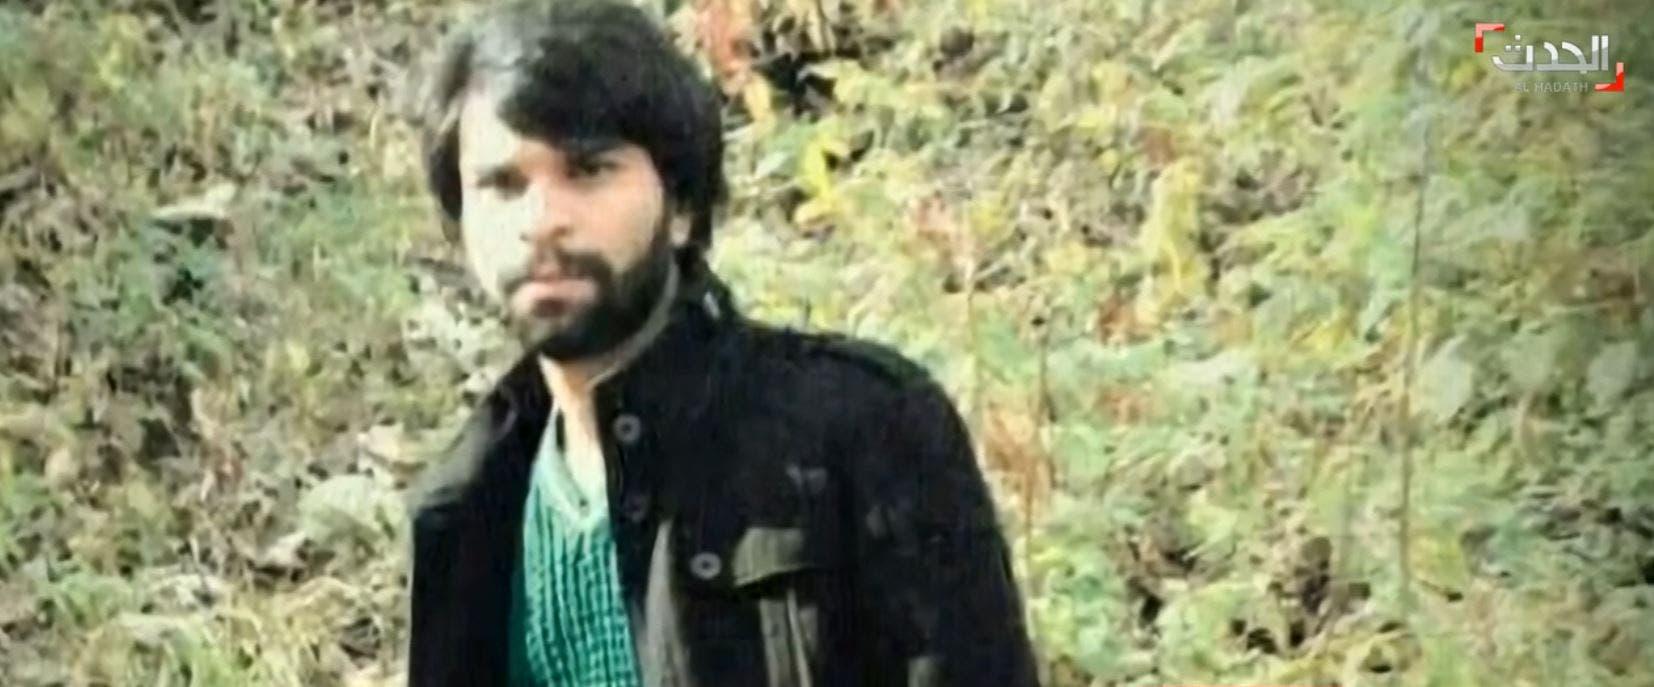 إيران تعدم الناشط السياسي جاويد دهقان بعد حبسه لعامين